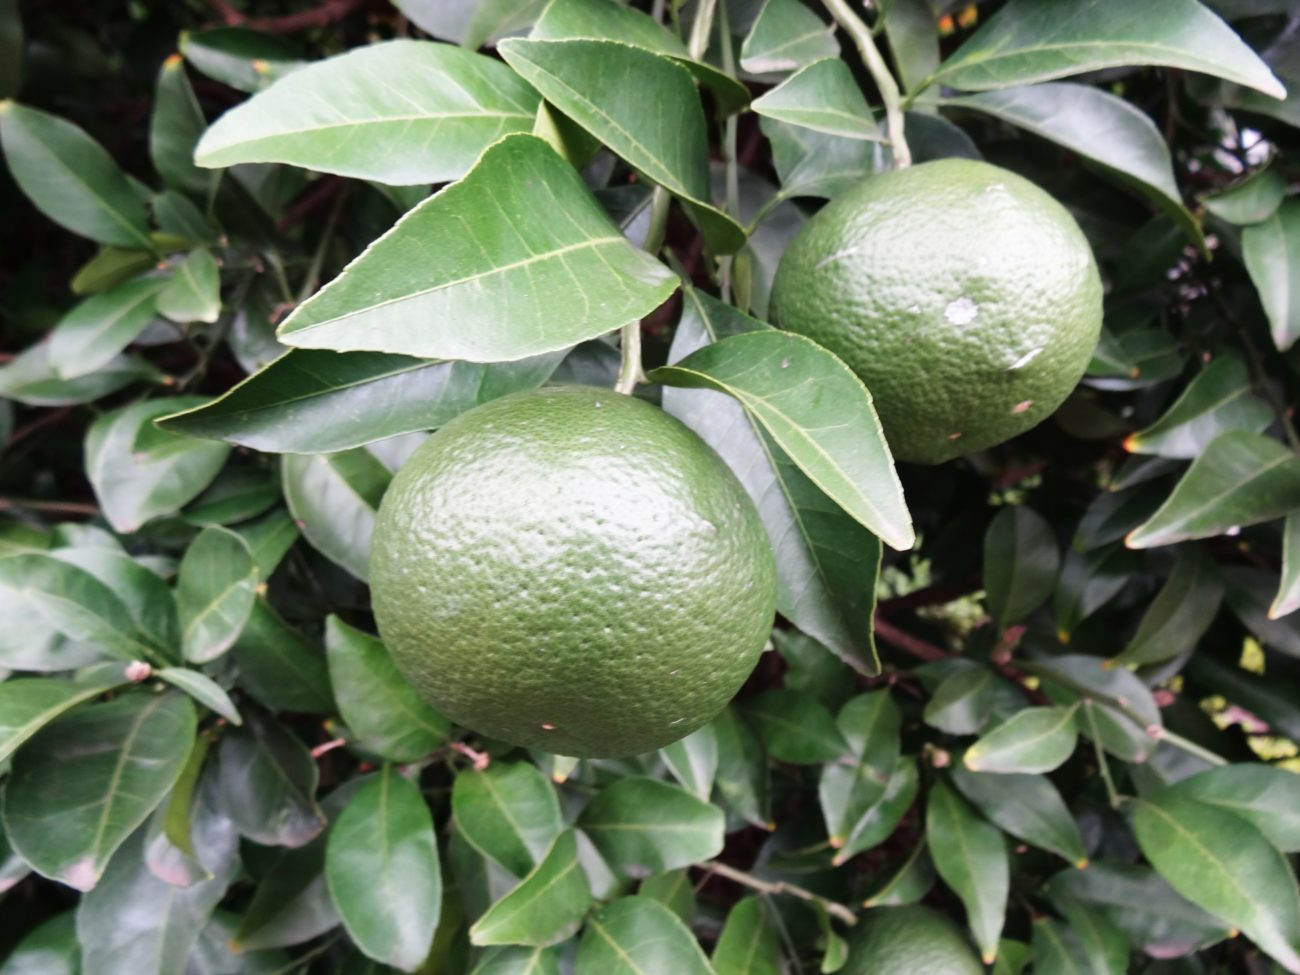 フレッシュな柑橘の香りがたまらない!【ベルガモット】の人気香水14選